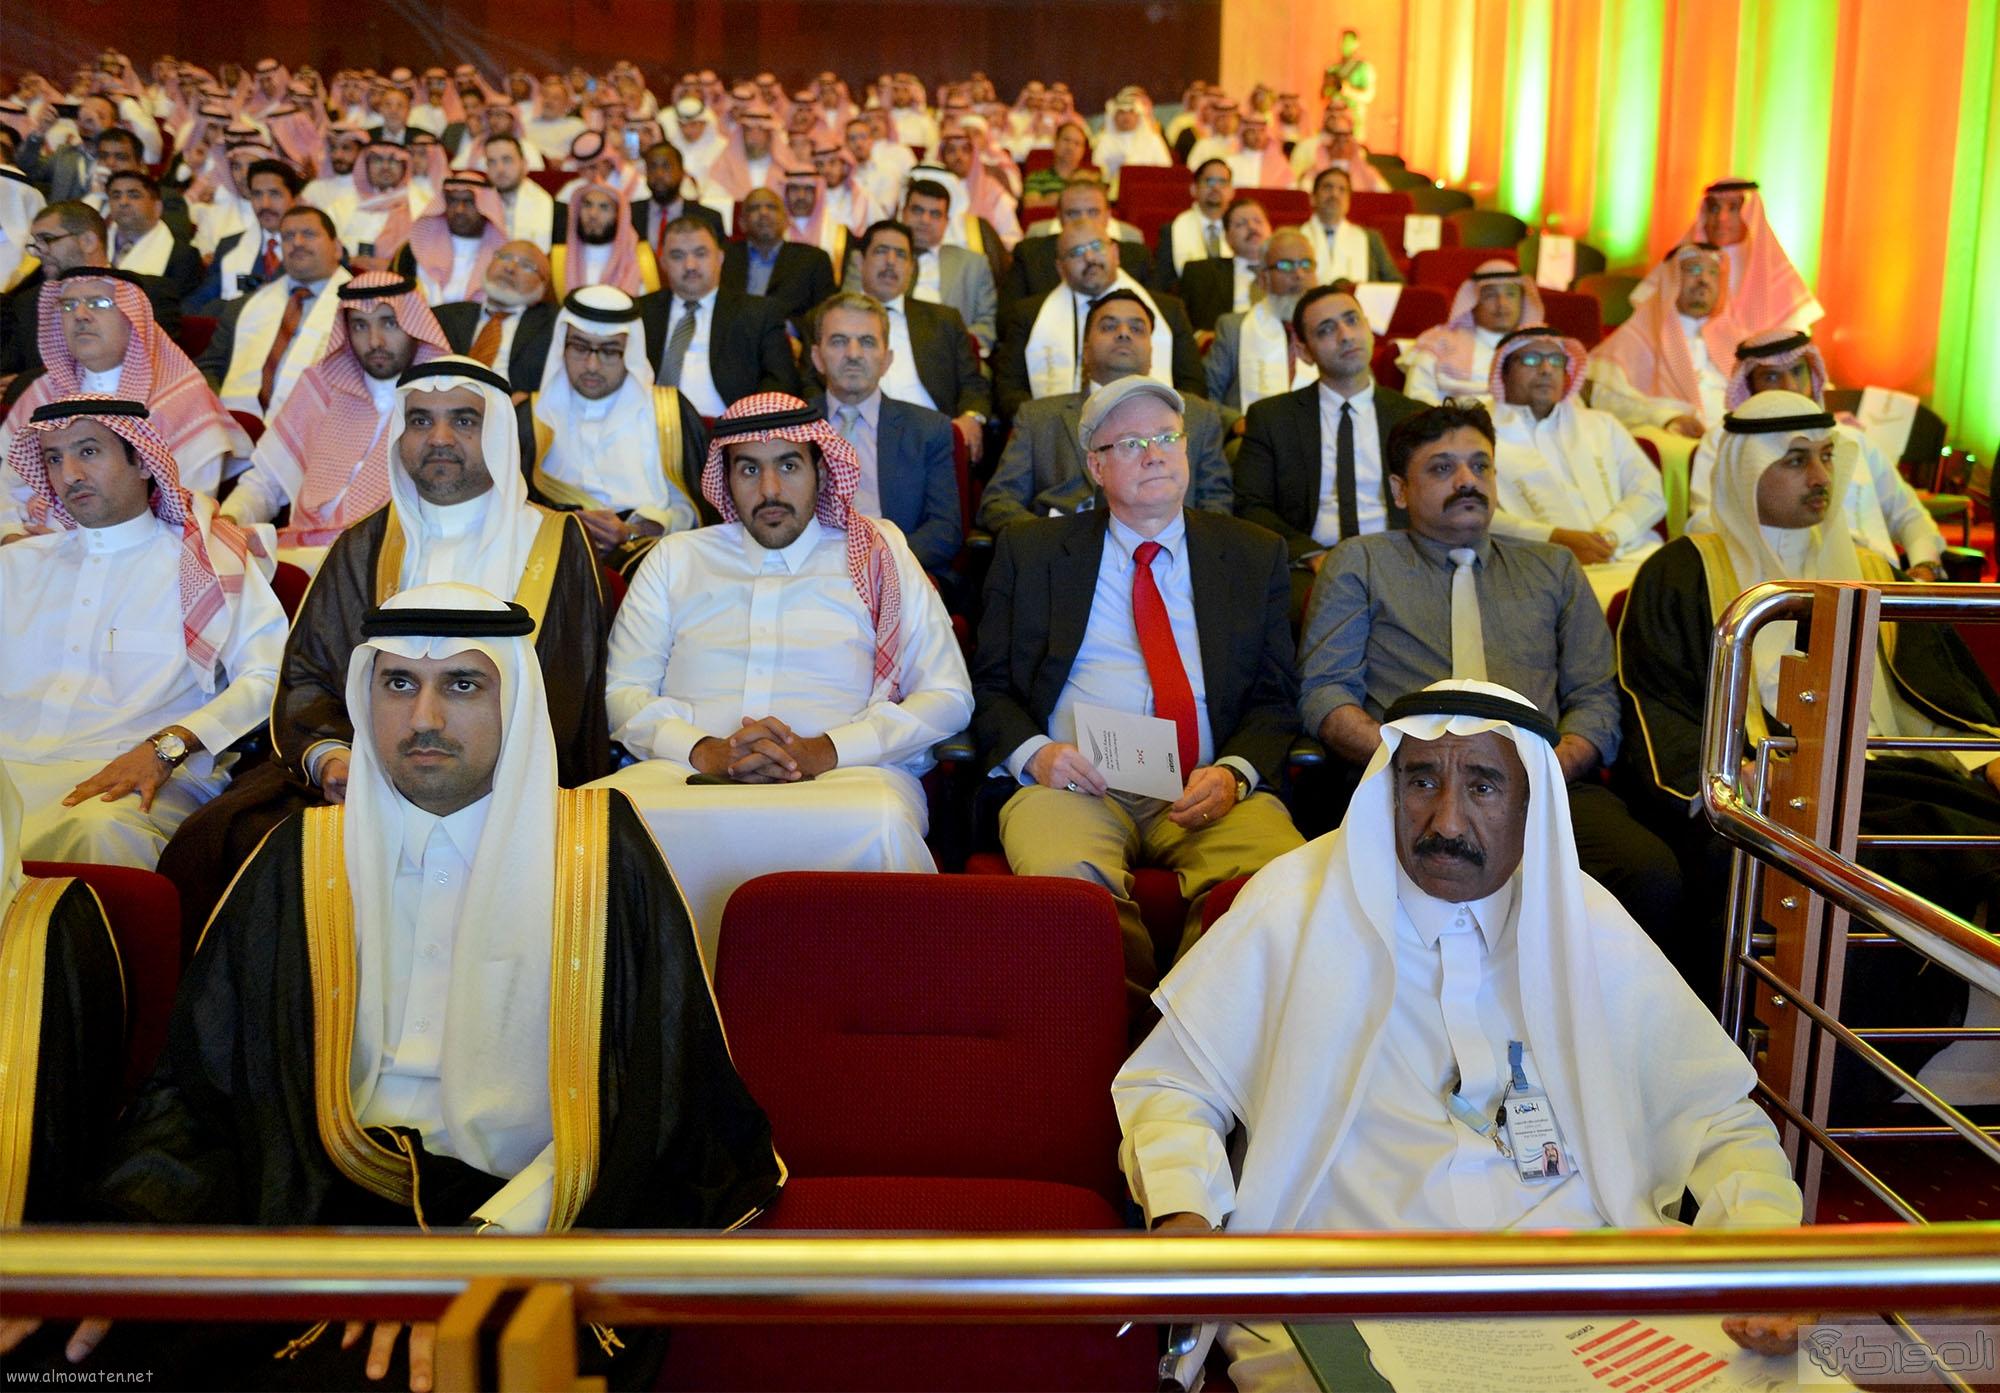 امير الرياض يرعى تخريج طلاب جامعة دار العلوم (5)